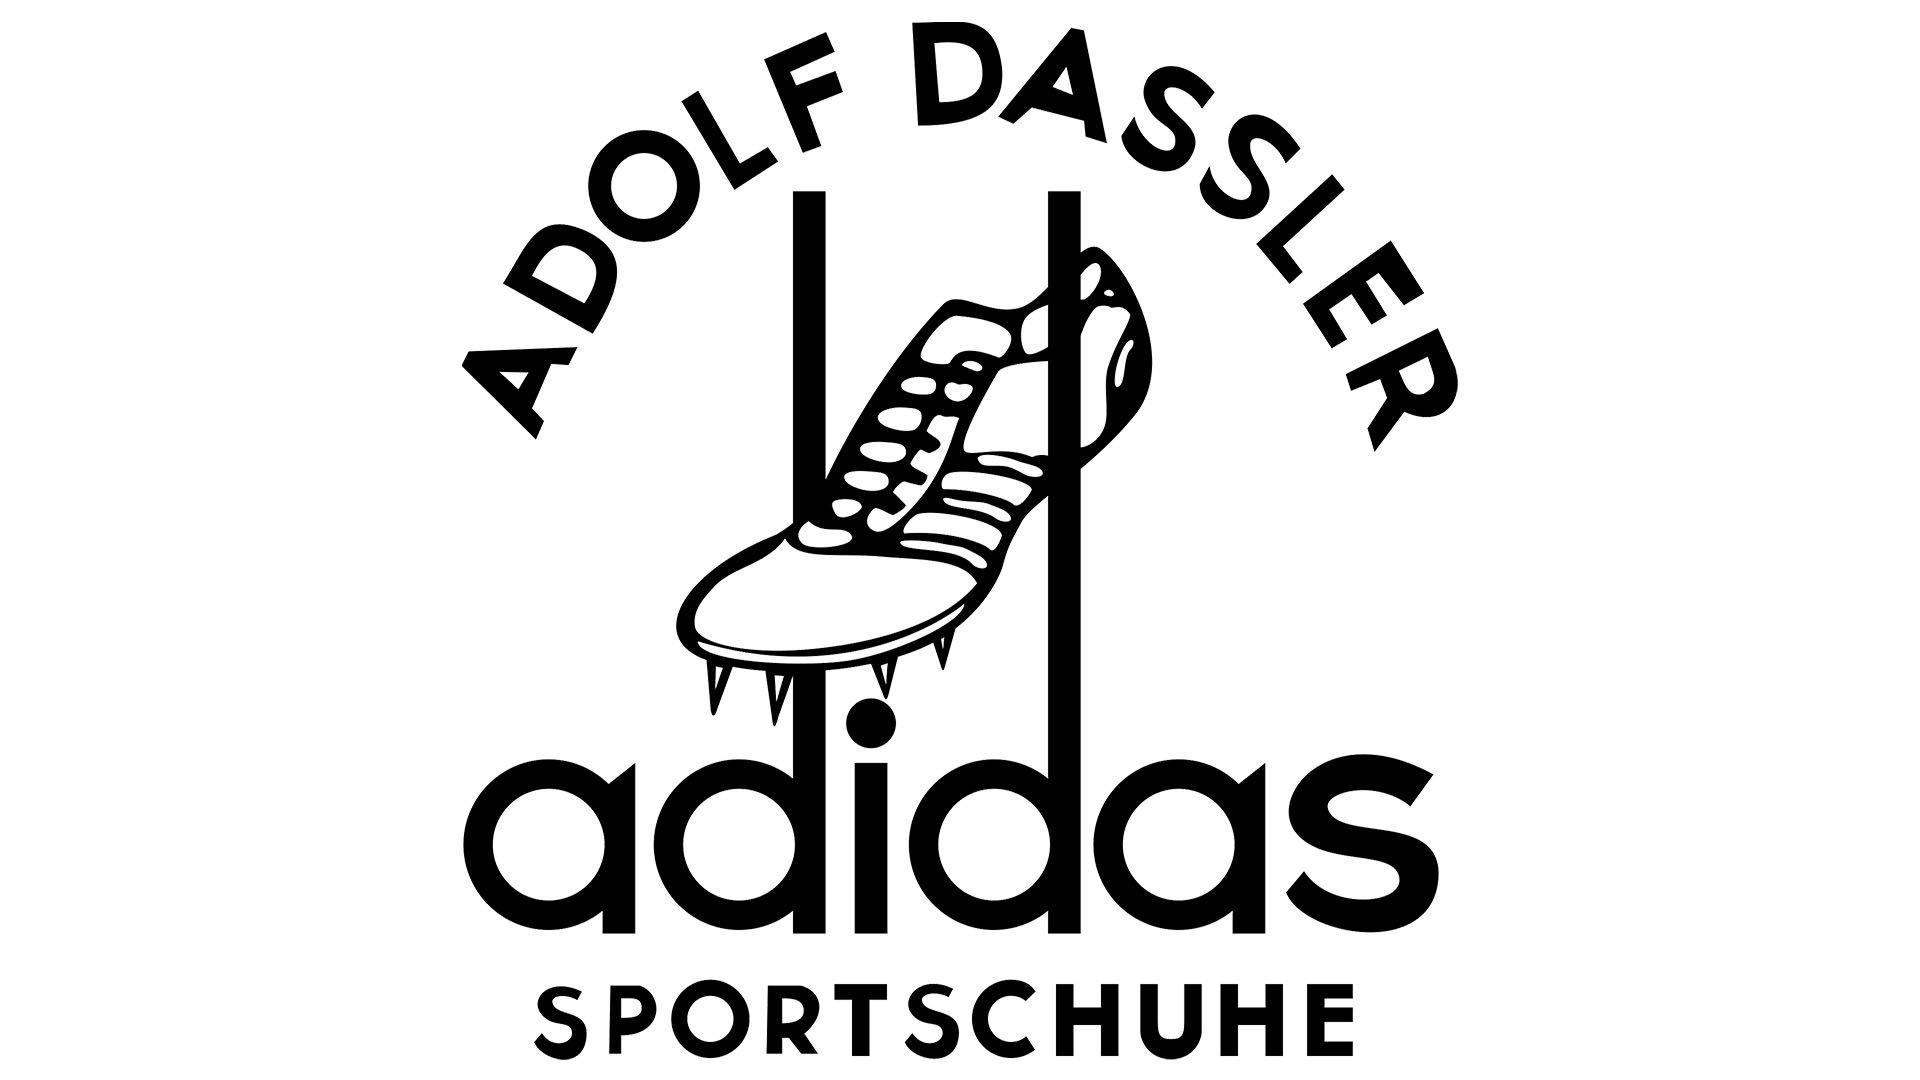 Redondear a la baja jaula erosión  Adidas Logo | LOGOS de MARCAS